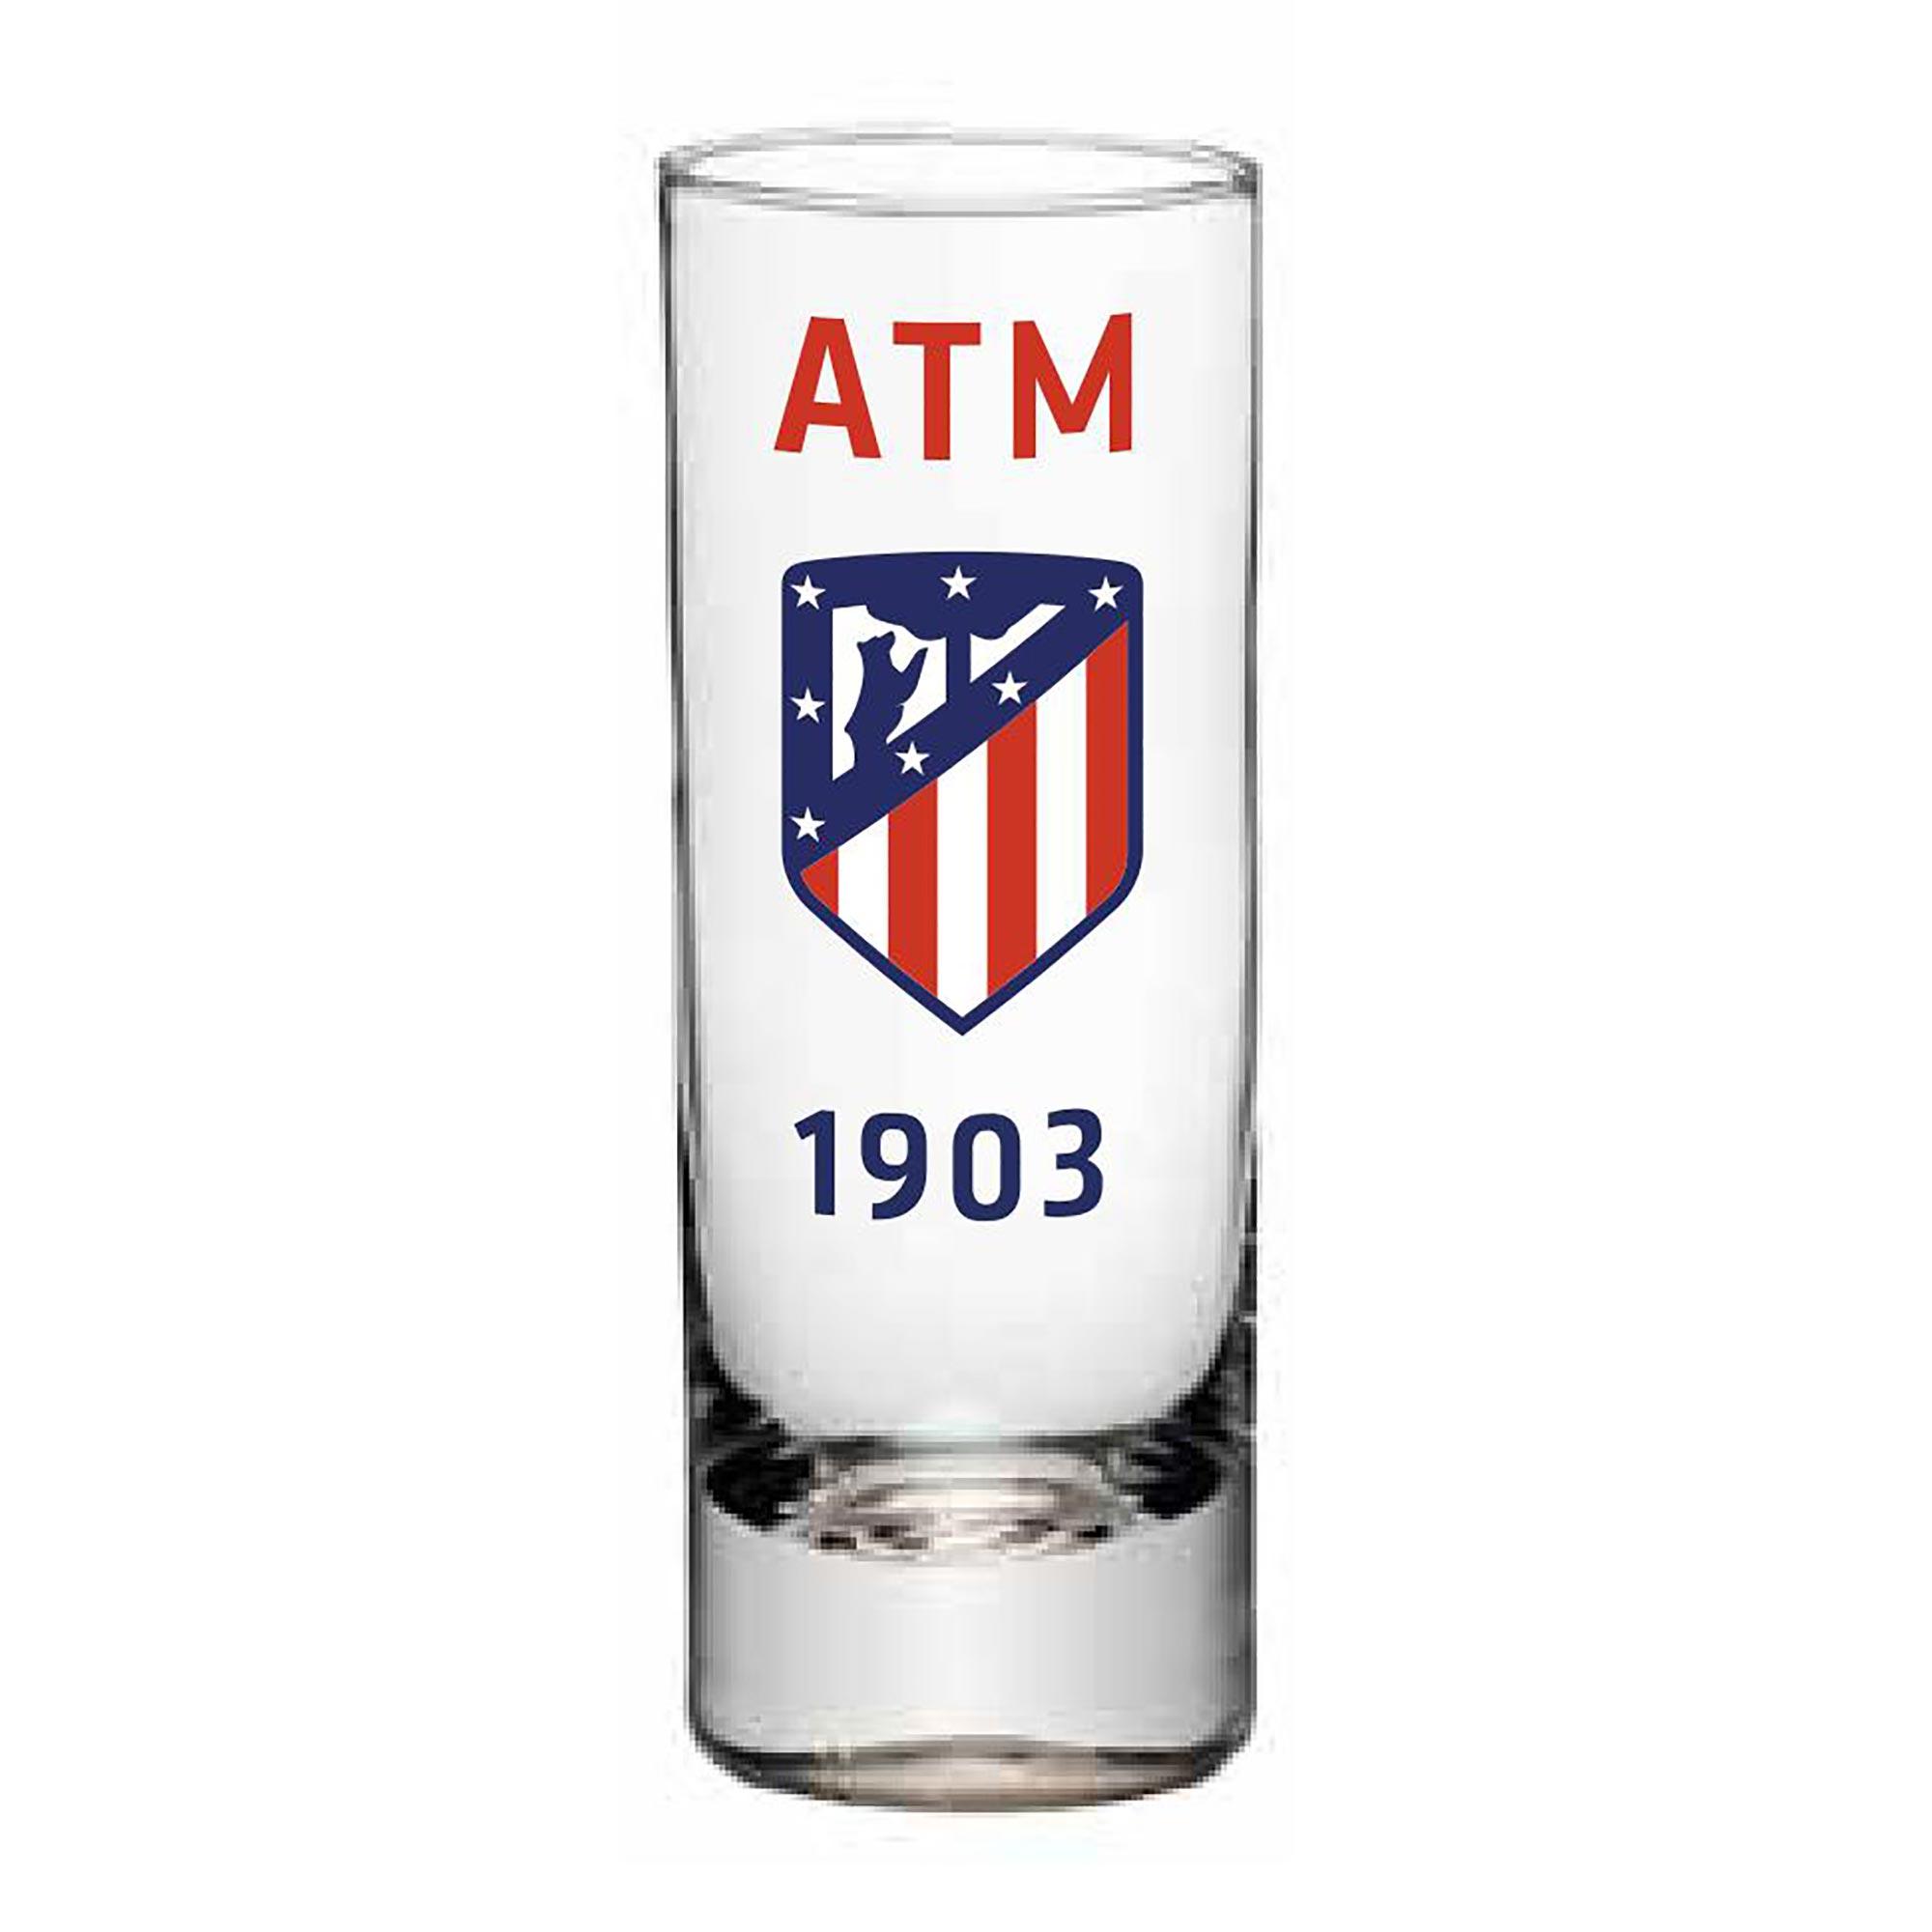 Verre à liqueur avec écusson de l'Atlético de Madrid